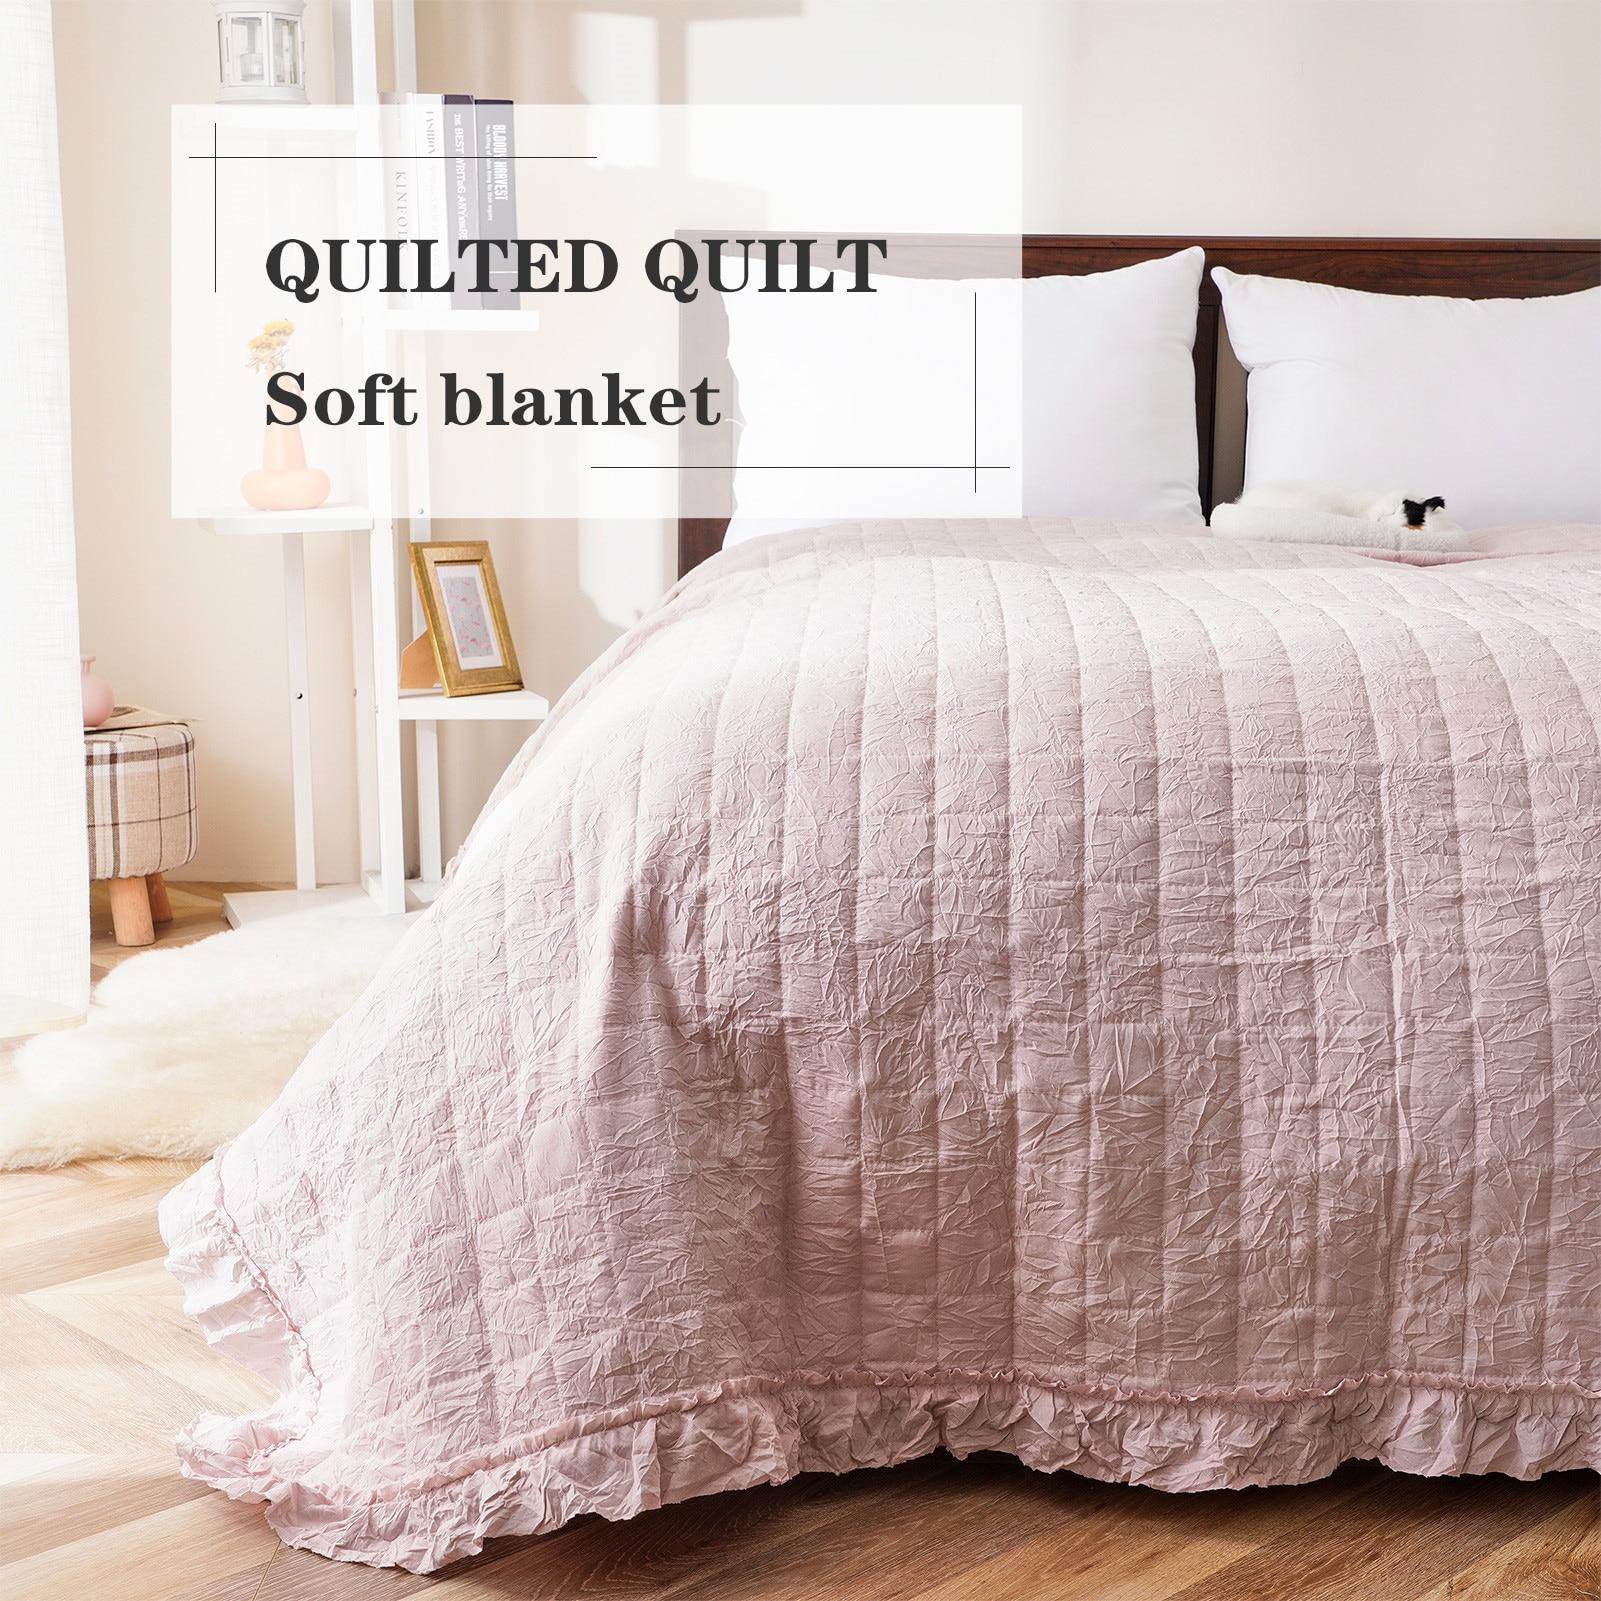 Новое стеганое одеяло в Корейском стиле, тонкое стеганое одеяло в Корейском стиле для двуспальной кровати, двуспальной кровати, розовое лет... недорого